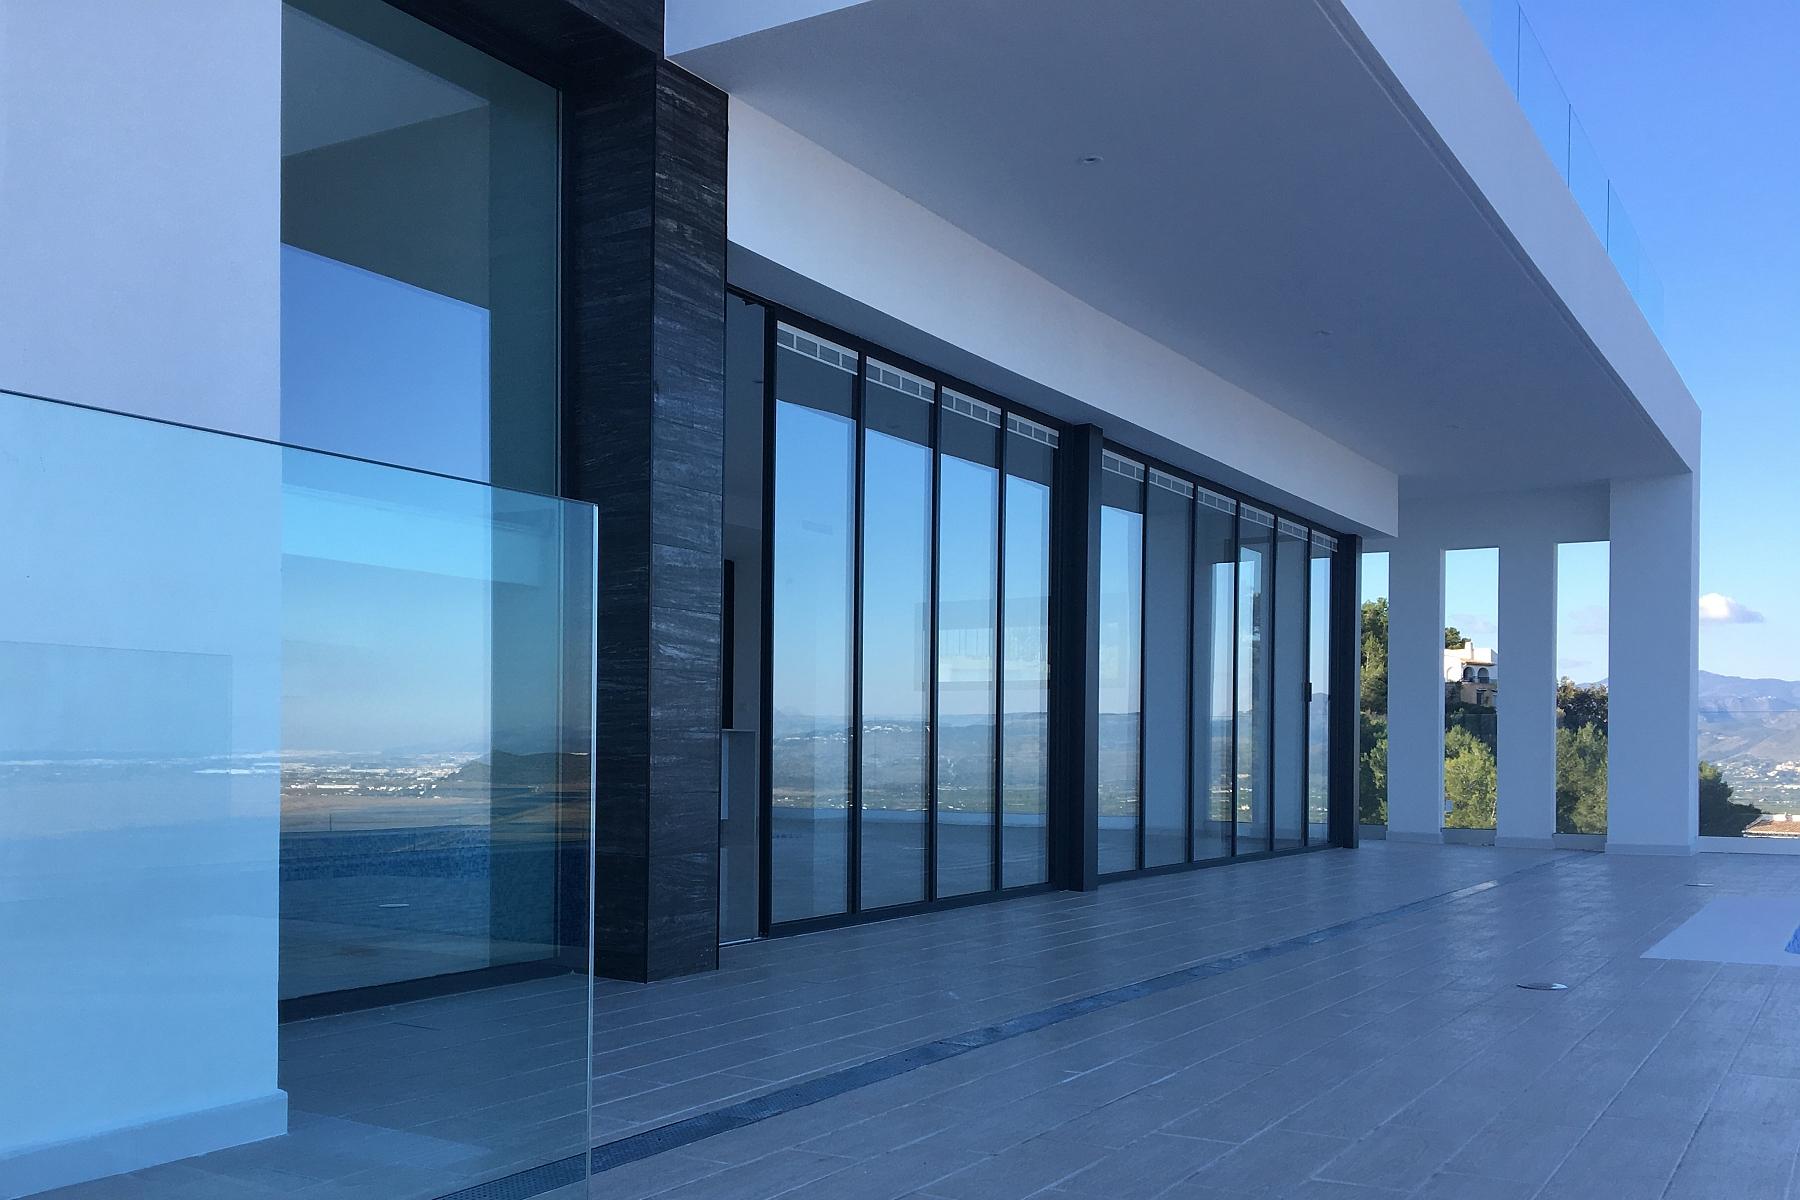 SunSeeker UltraSlim Glass Doors & Enjoying a Movable Wall of Glass! - Sunseeker Doors